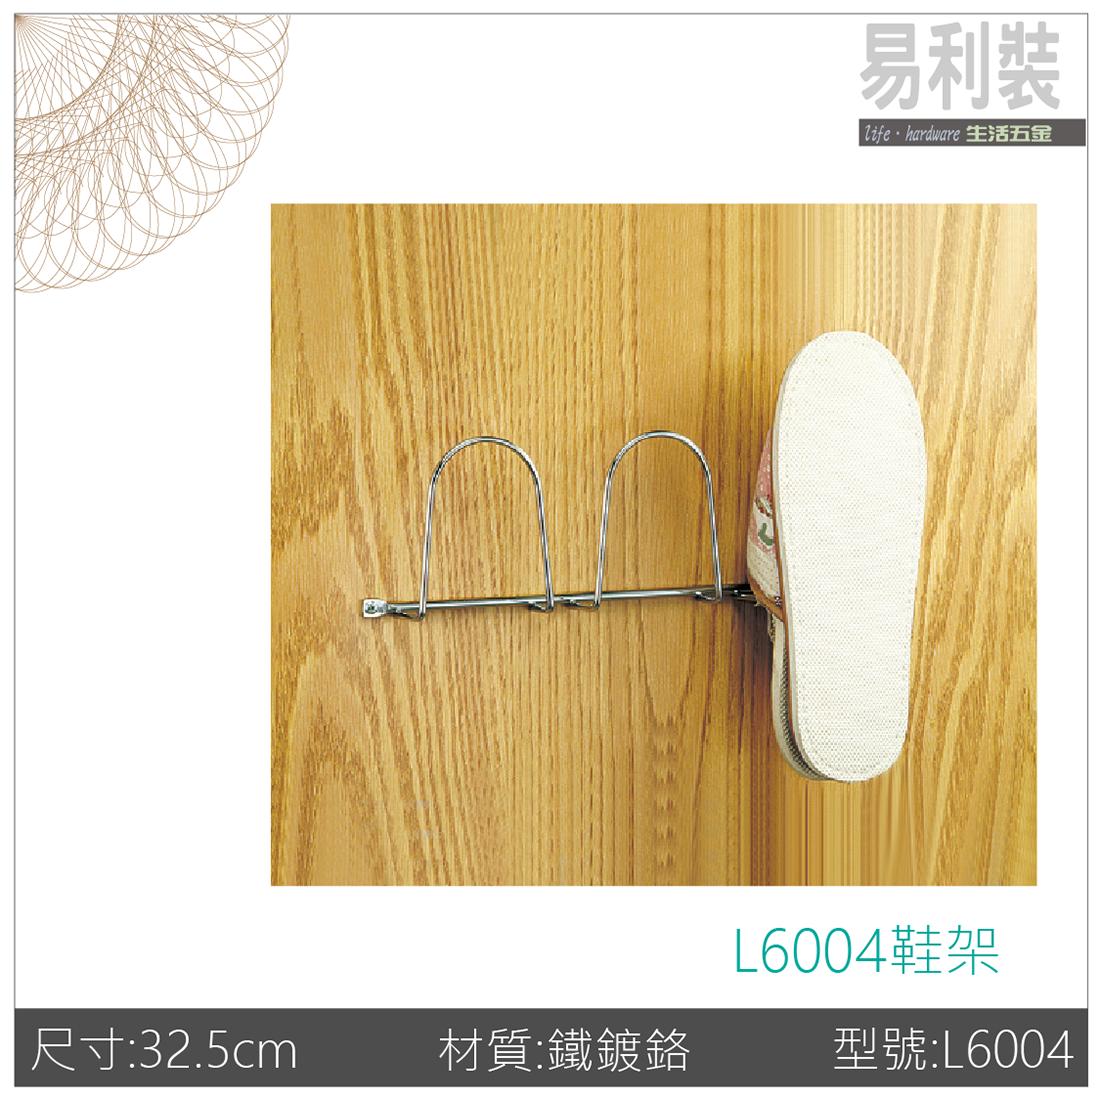 【 EASYCAN  】L6004 鞋架 易利裝生活五金 餐廳 廚房 房間 臥房 客廳 小資族 辦公家具 系統家具